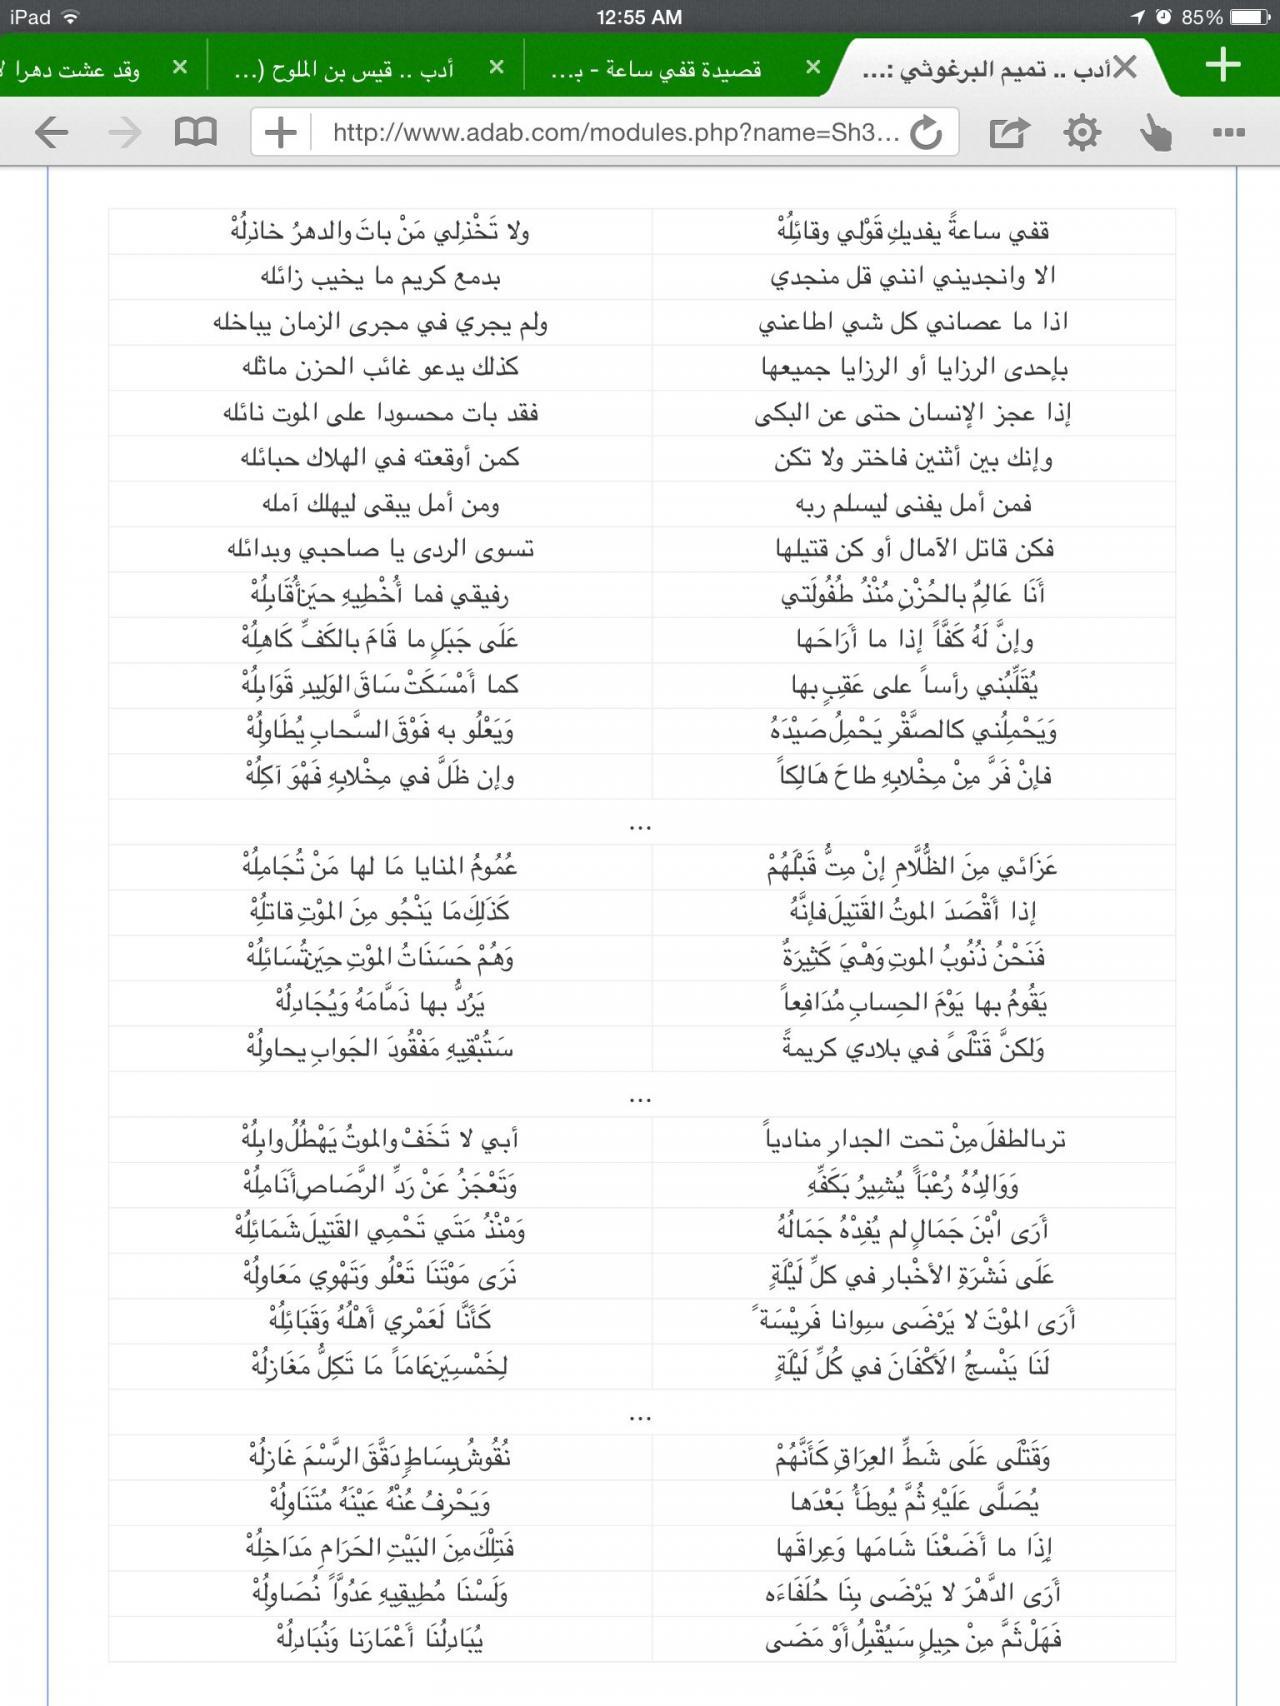 صور تميم البرغوثي قفي ساعة , من اهم القصائد